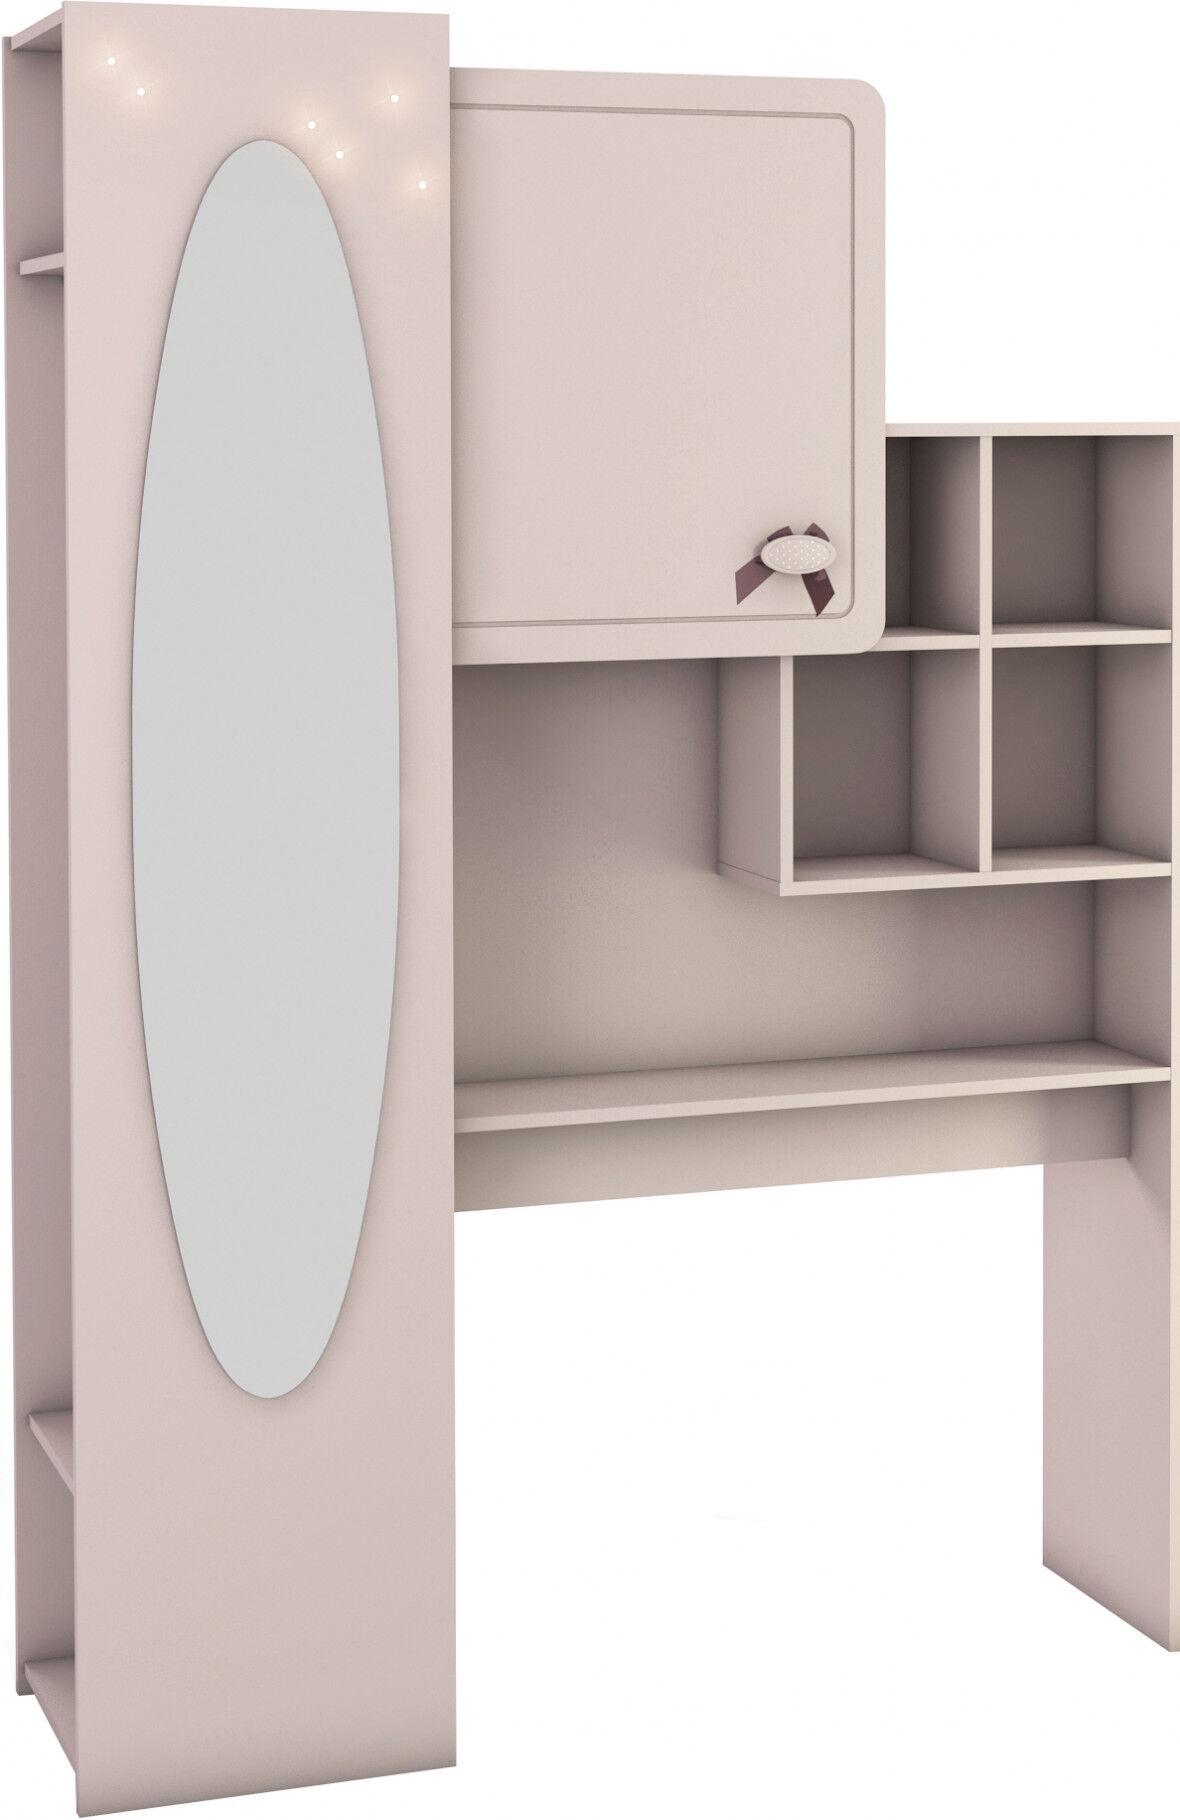 Armoire pont de lit enfant rose avec miroir 1 porte 5 niches 2 étagères